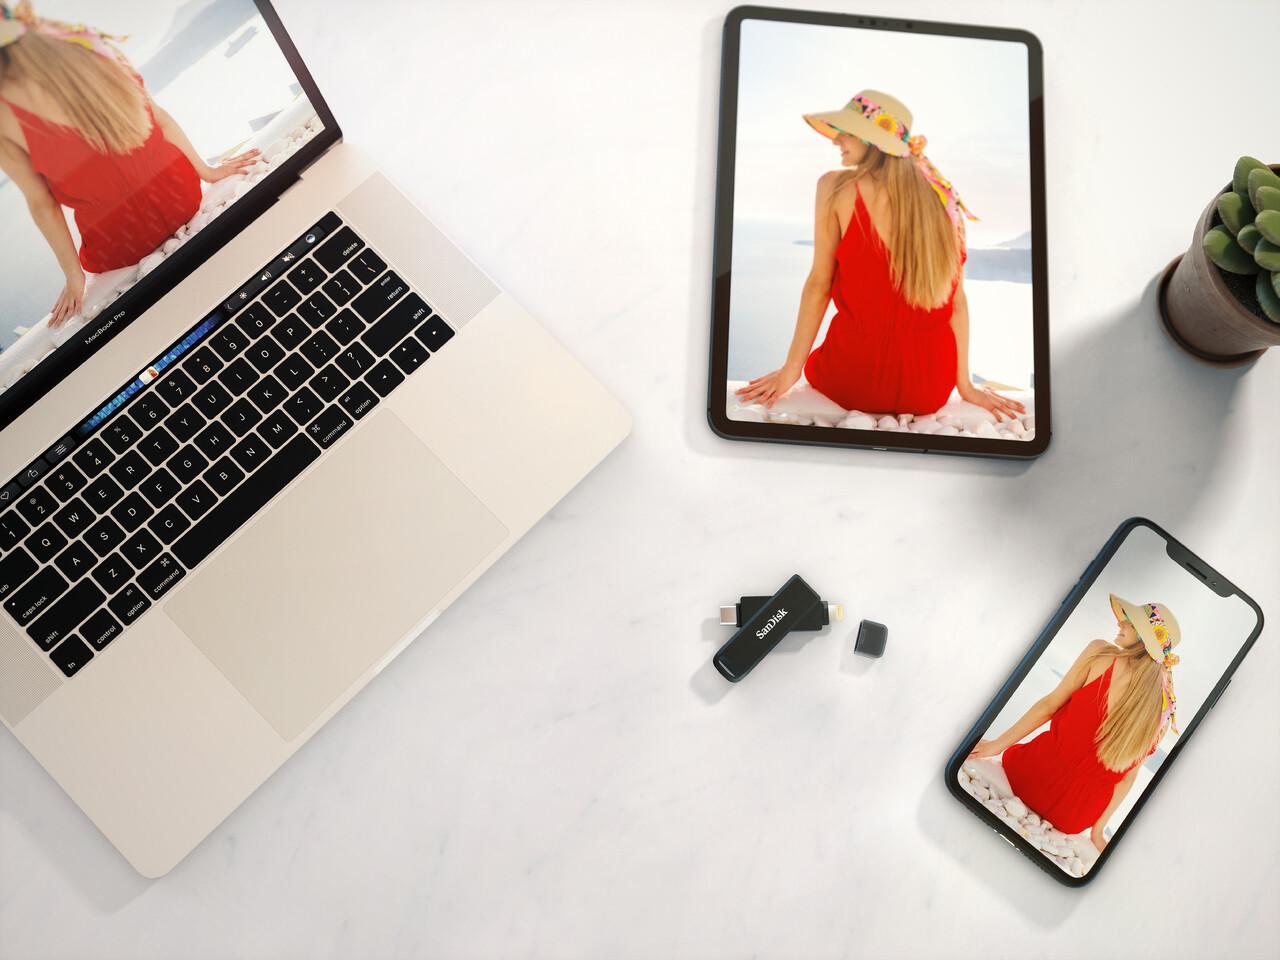 SanDisk presenta su primera unidad flash 2 en 1 para transferencias entre dispositivos iPhone y USB-C